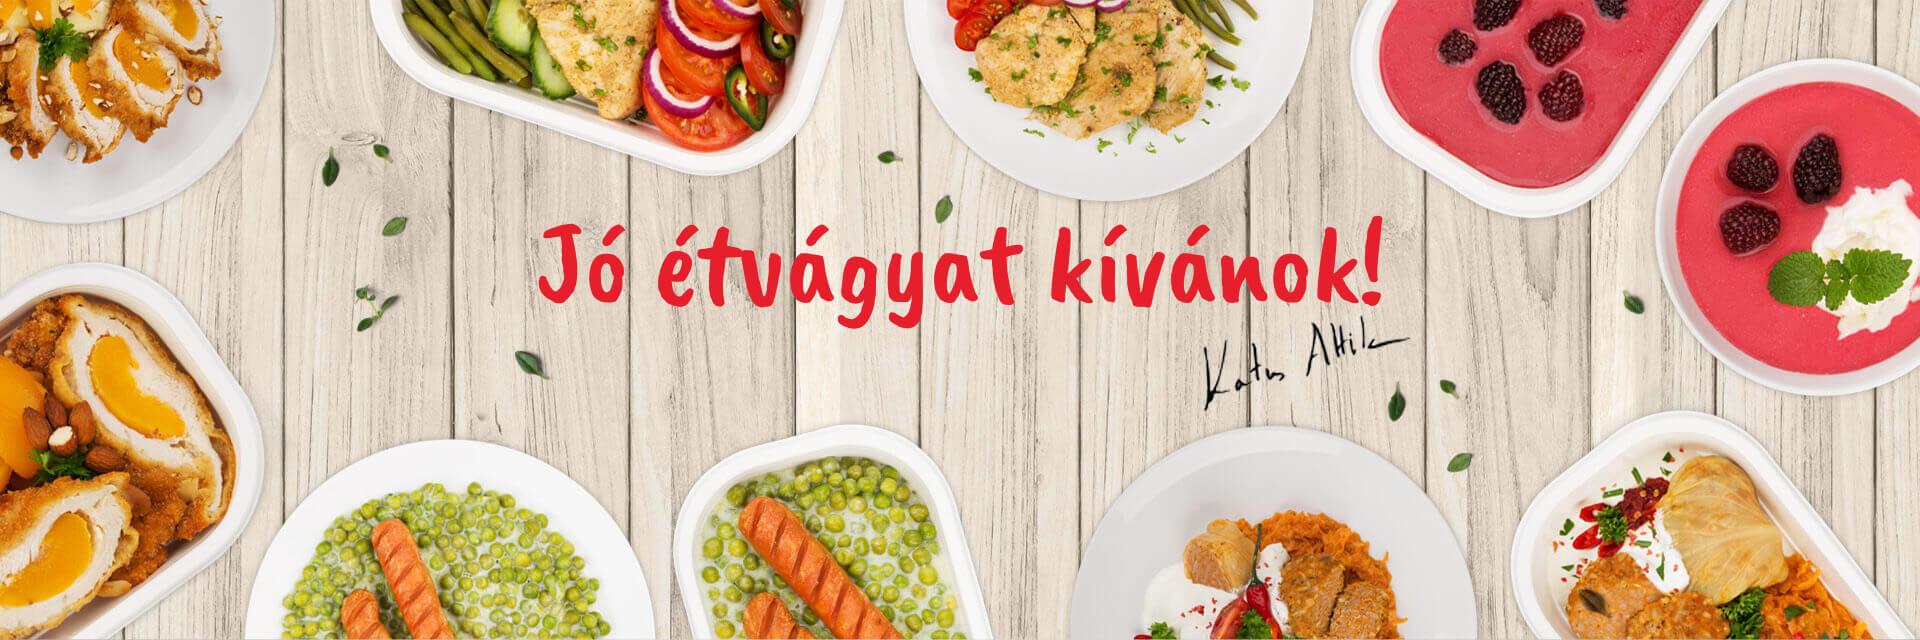 Vitálkonyha - Jó étvágyat kívánunk!